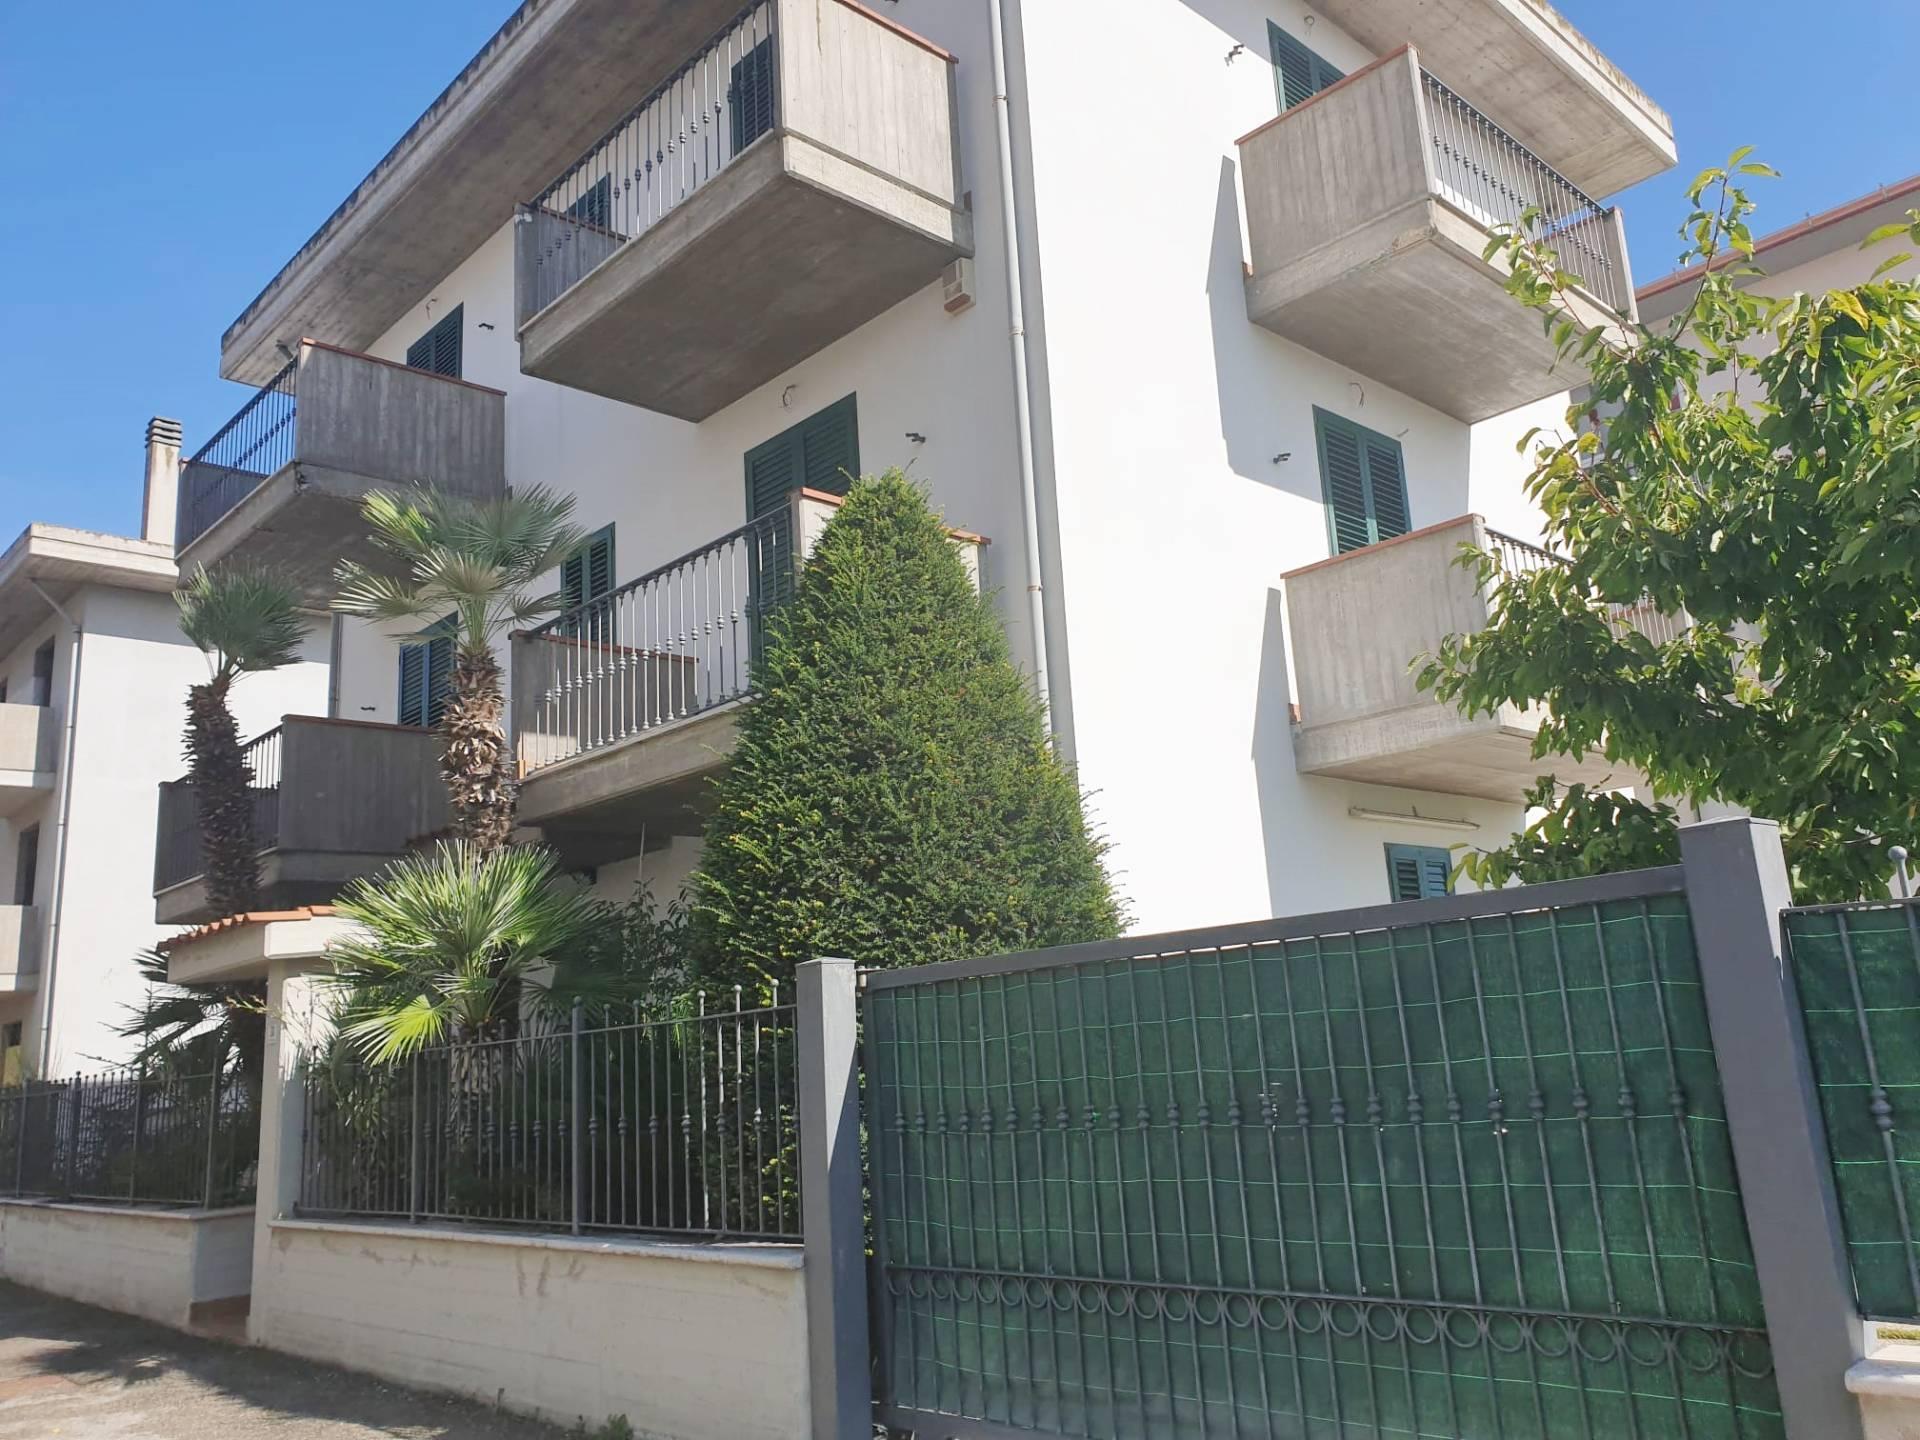 Casa indipendente in vendita a San Benedetto Del Tronto (AP)